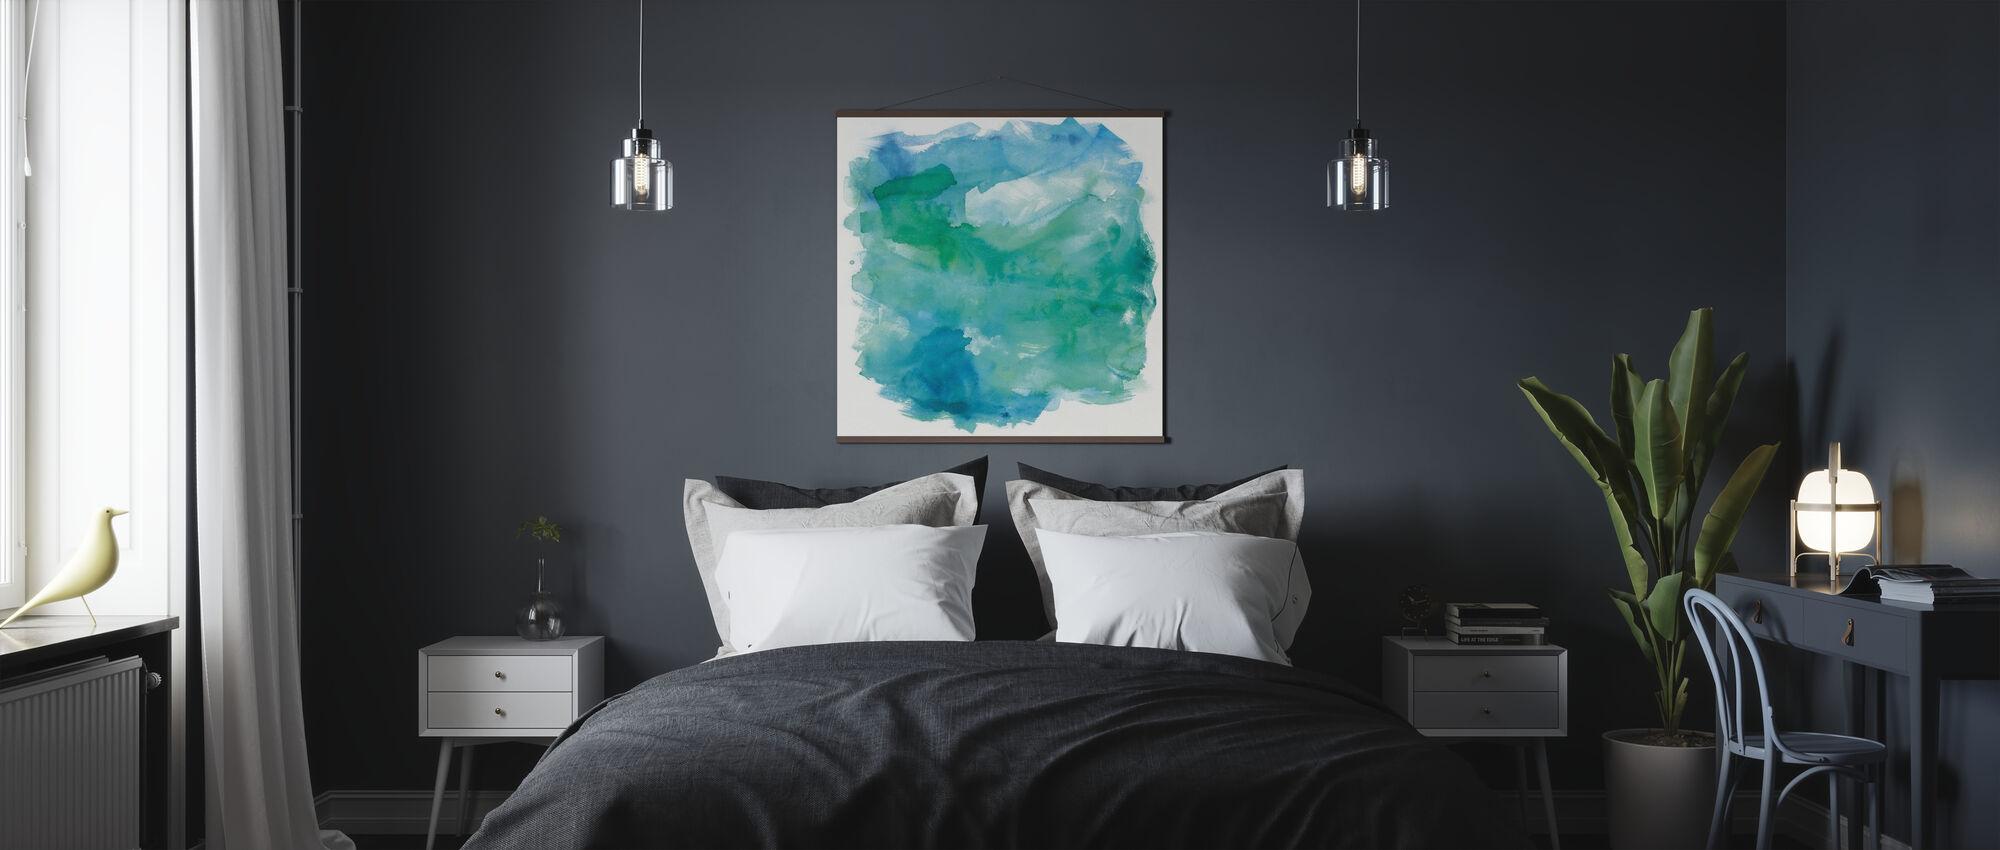 Seeglas - Poster - Schlafzimmer